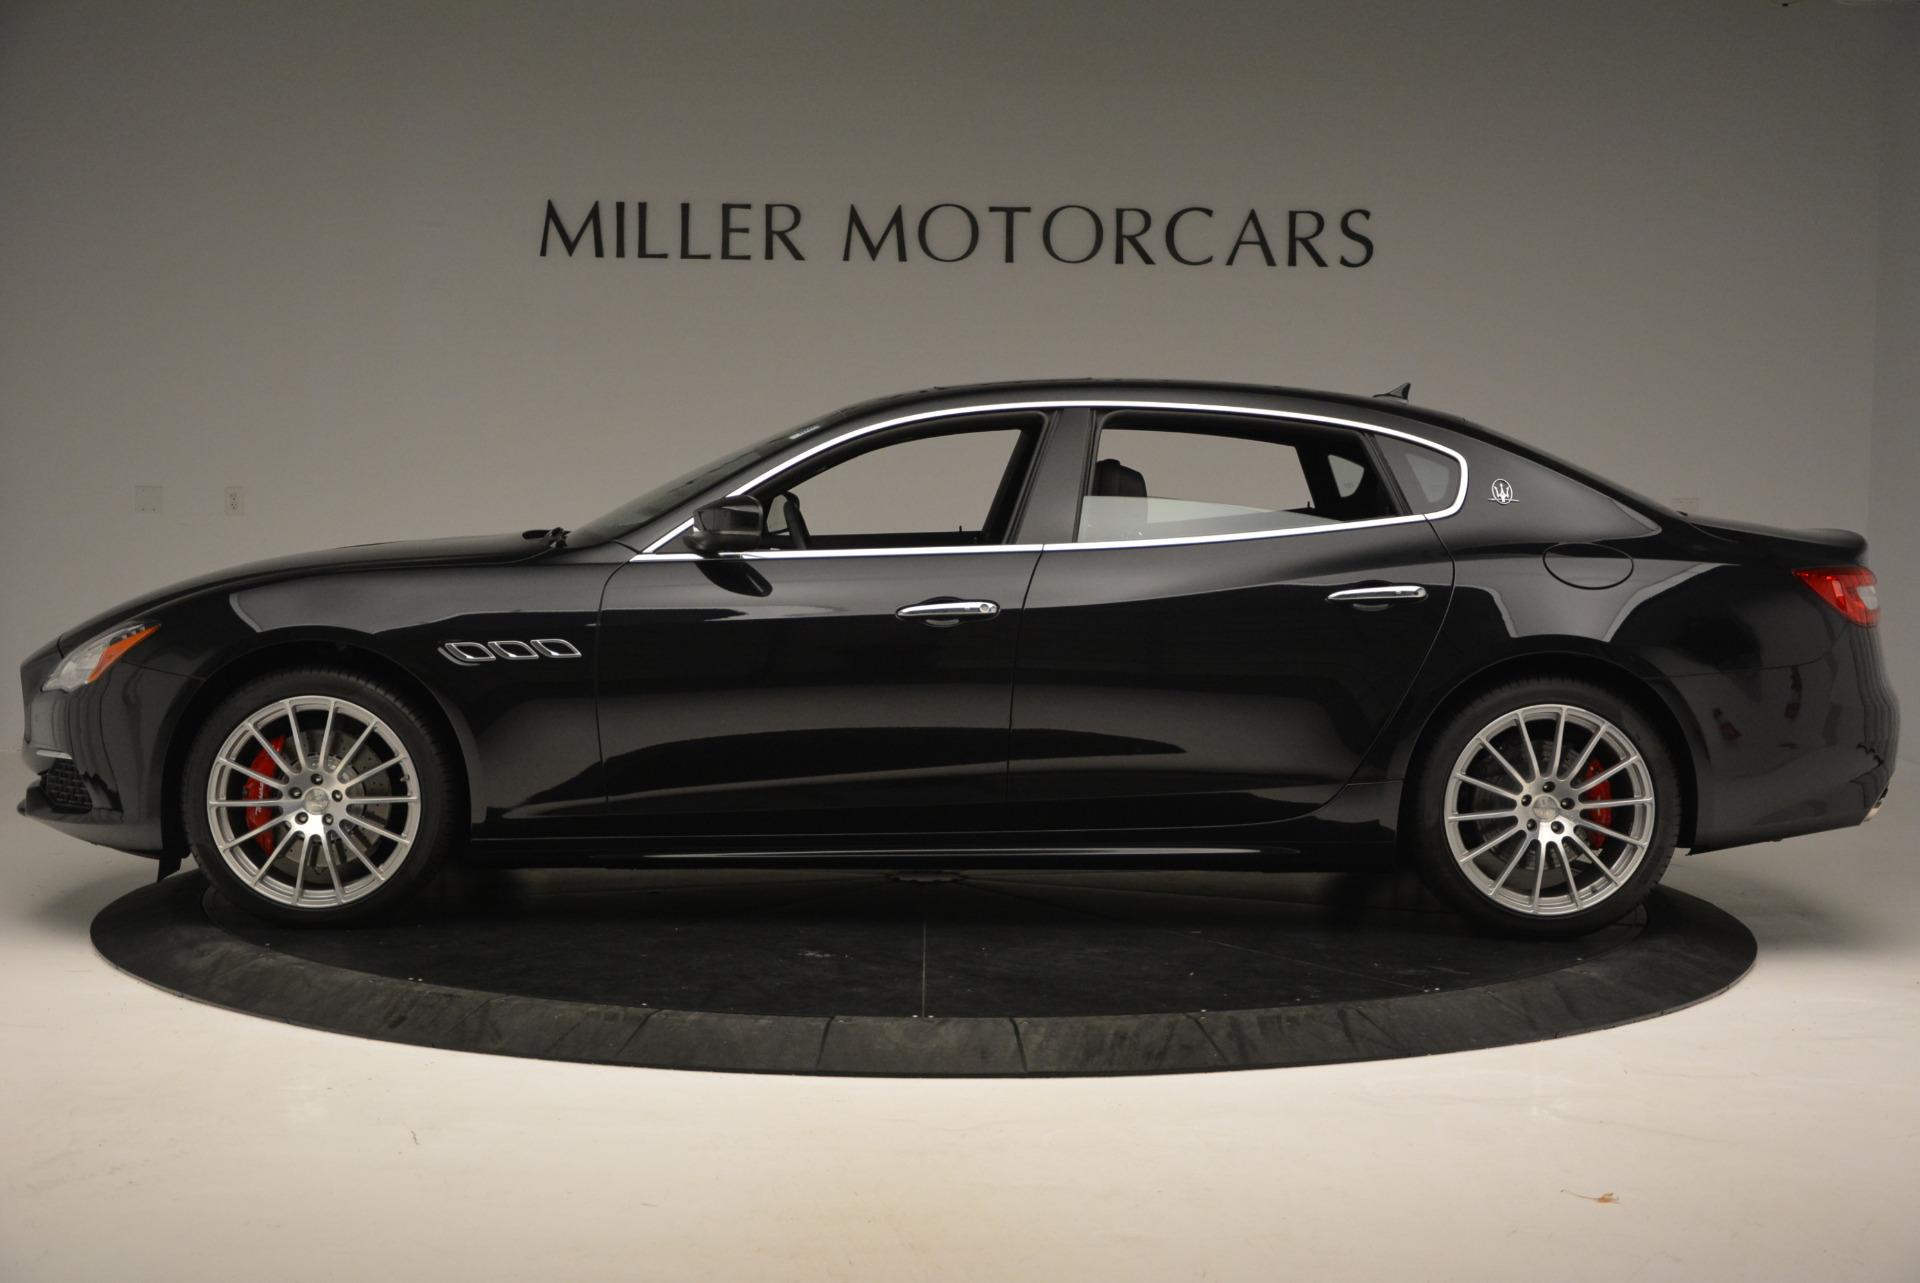 New 2017 Maserati Quattroporte S Q4 GranLusso For Sale In Greenwich, CT 601_p3